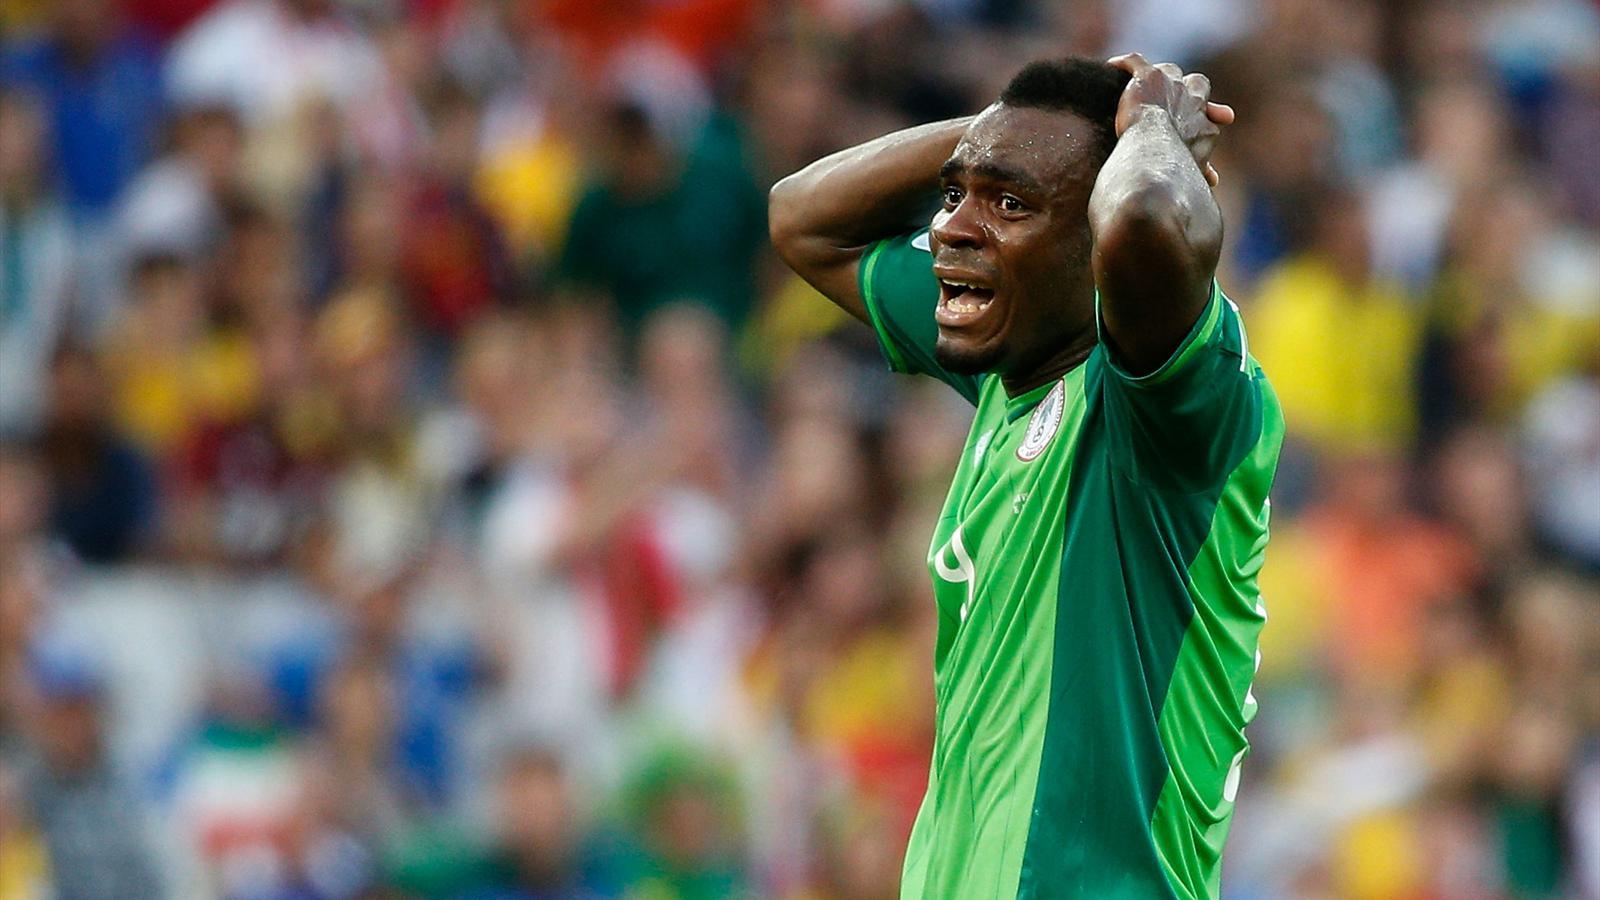 Coupe du monde 2014 nigeria bosnie herz govine le match qui d signera le deuxi me du groupe - Groupes coupe du monde 2014 ...